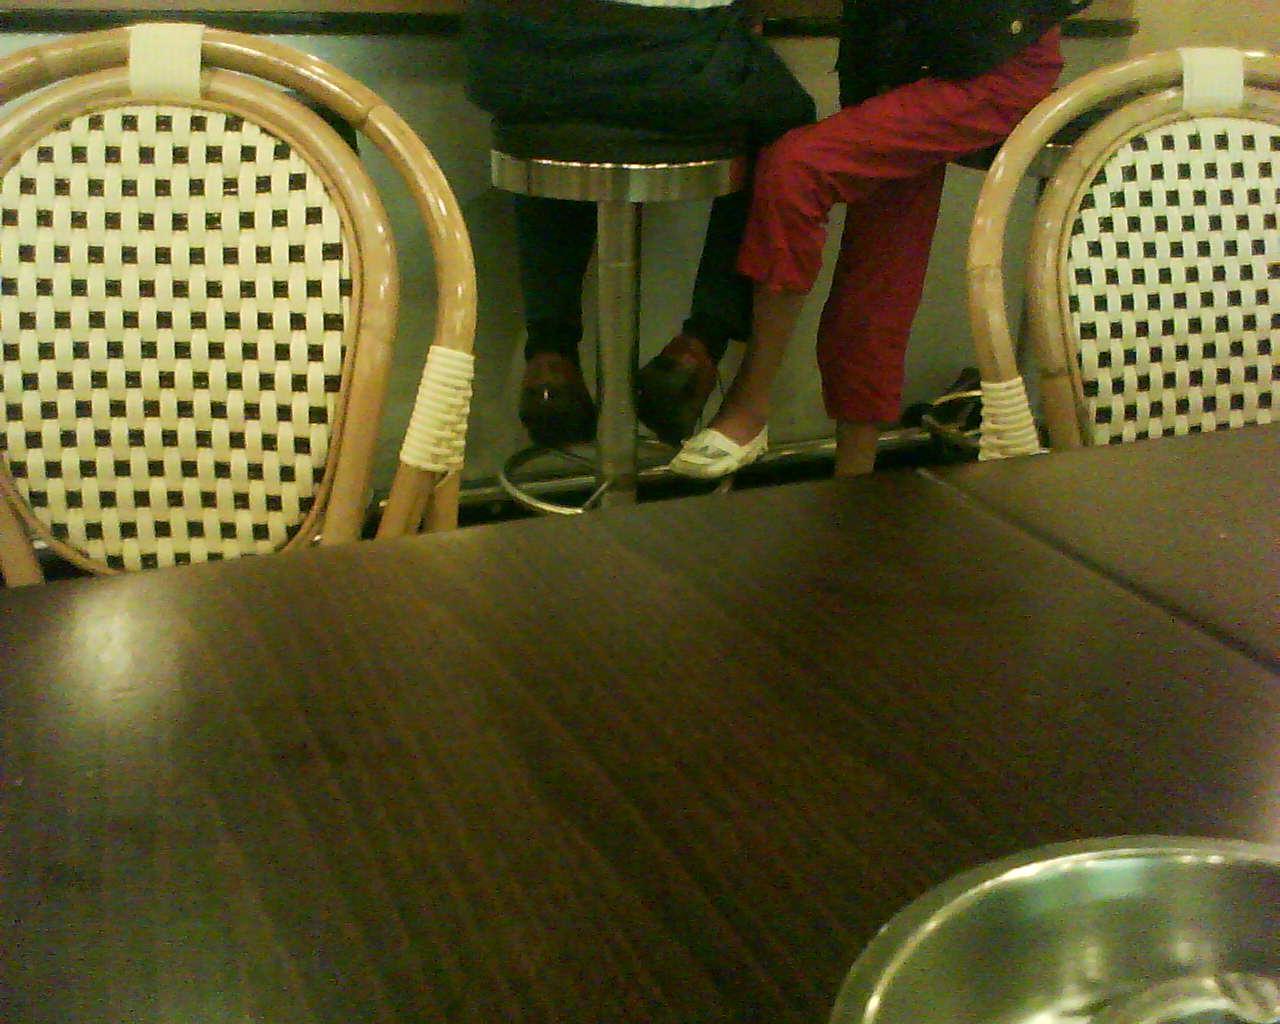 Häßliche Beine